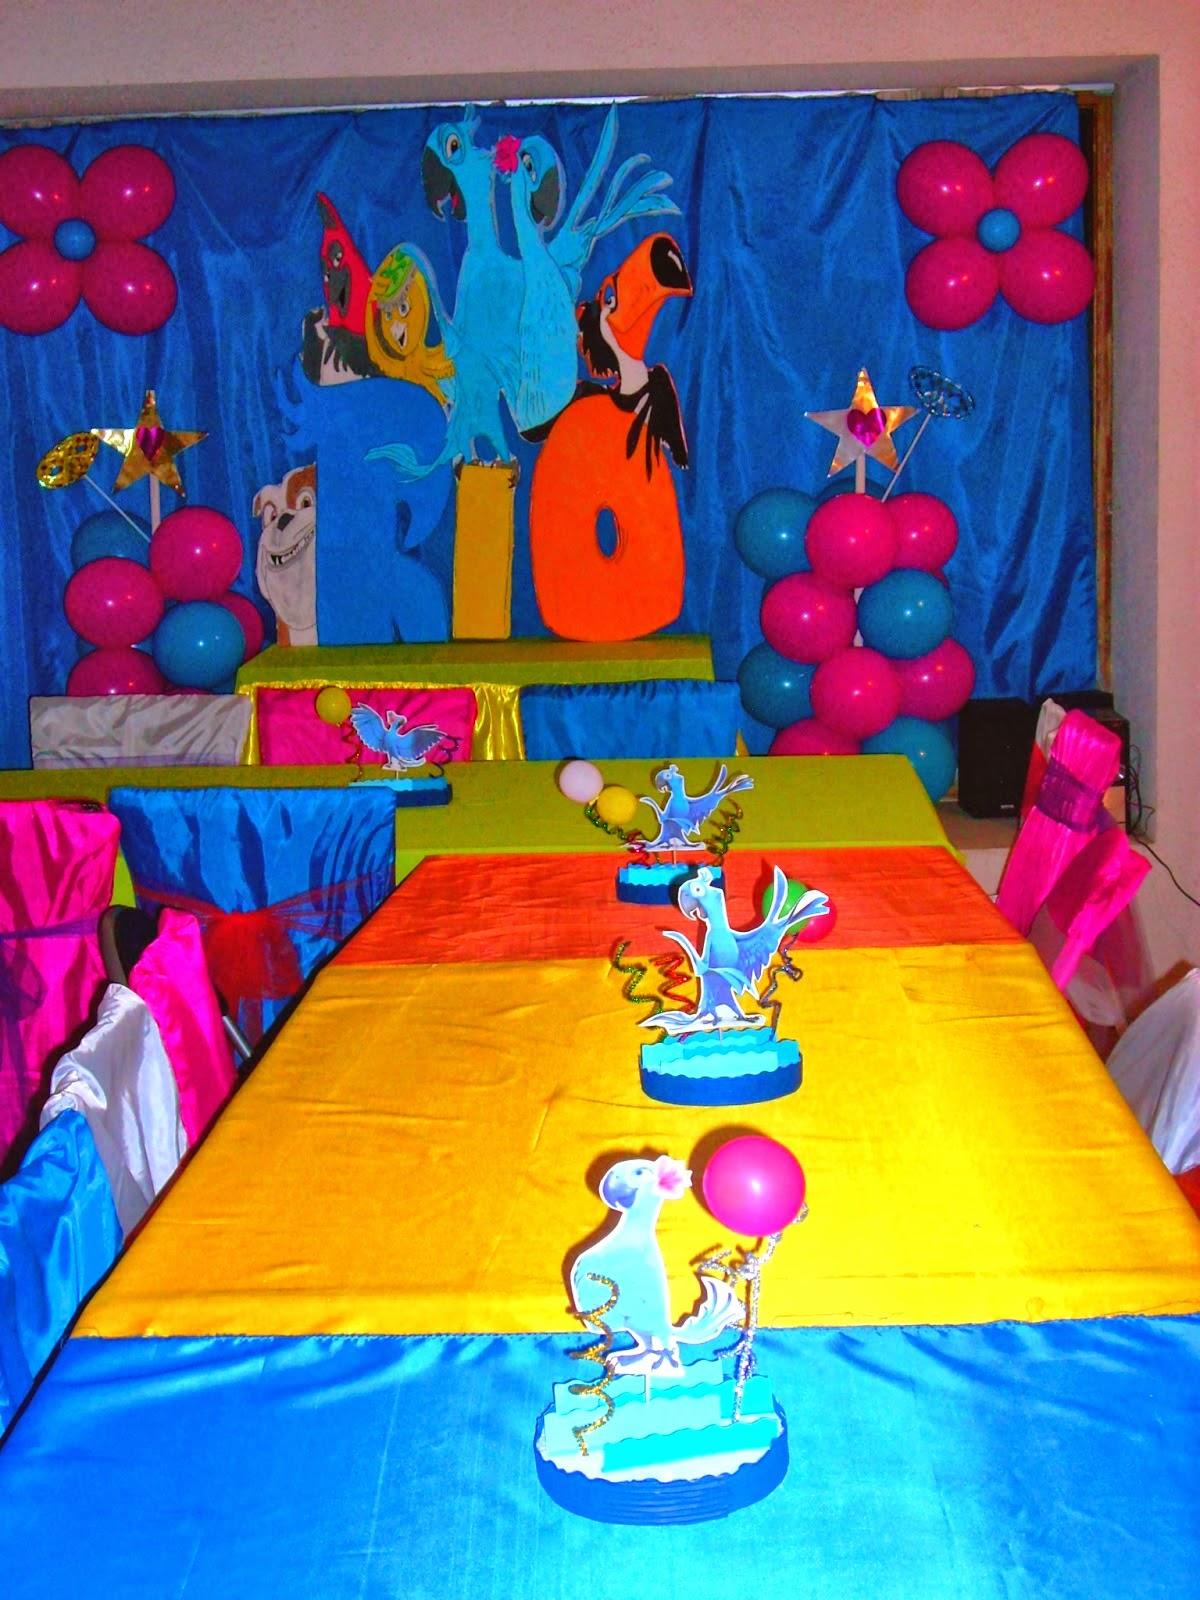 Fiestas Infantiles Decoradas con Rio, parte 1